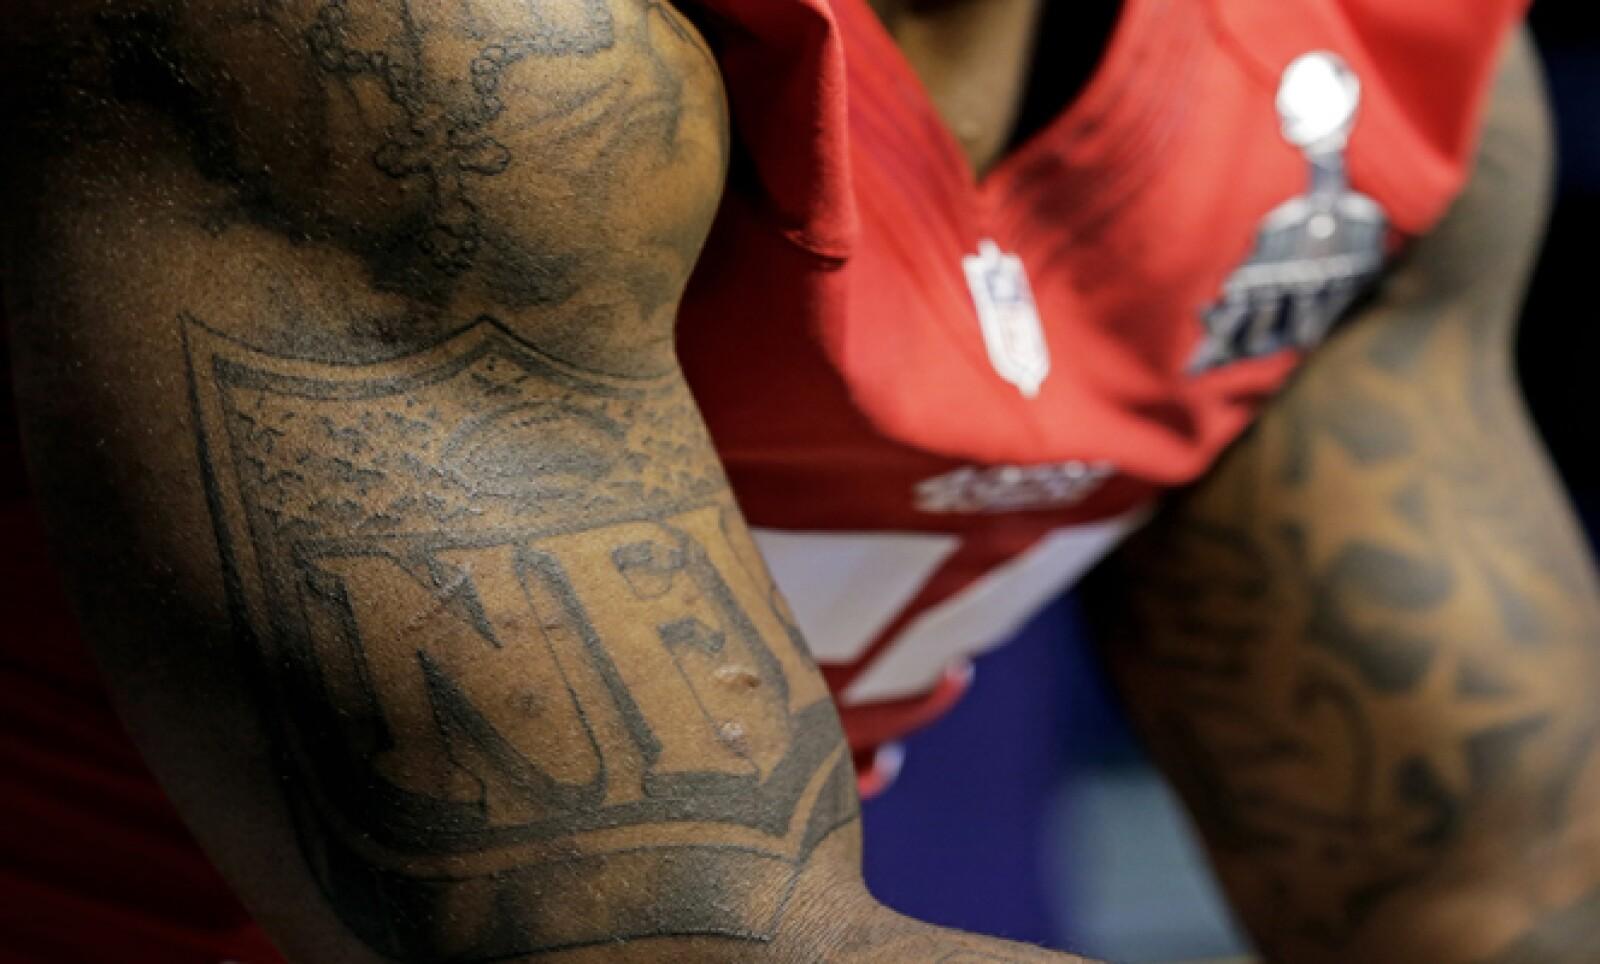 NaVorro Bowman, linebacker del equipo de San Francisco, tiene tatuado el logo oficial de la NFL.